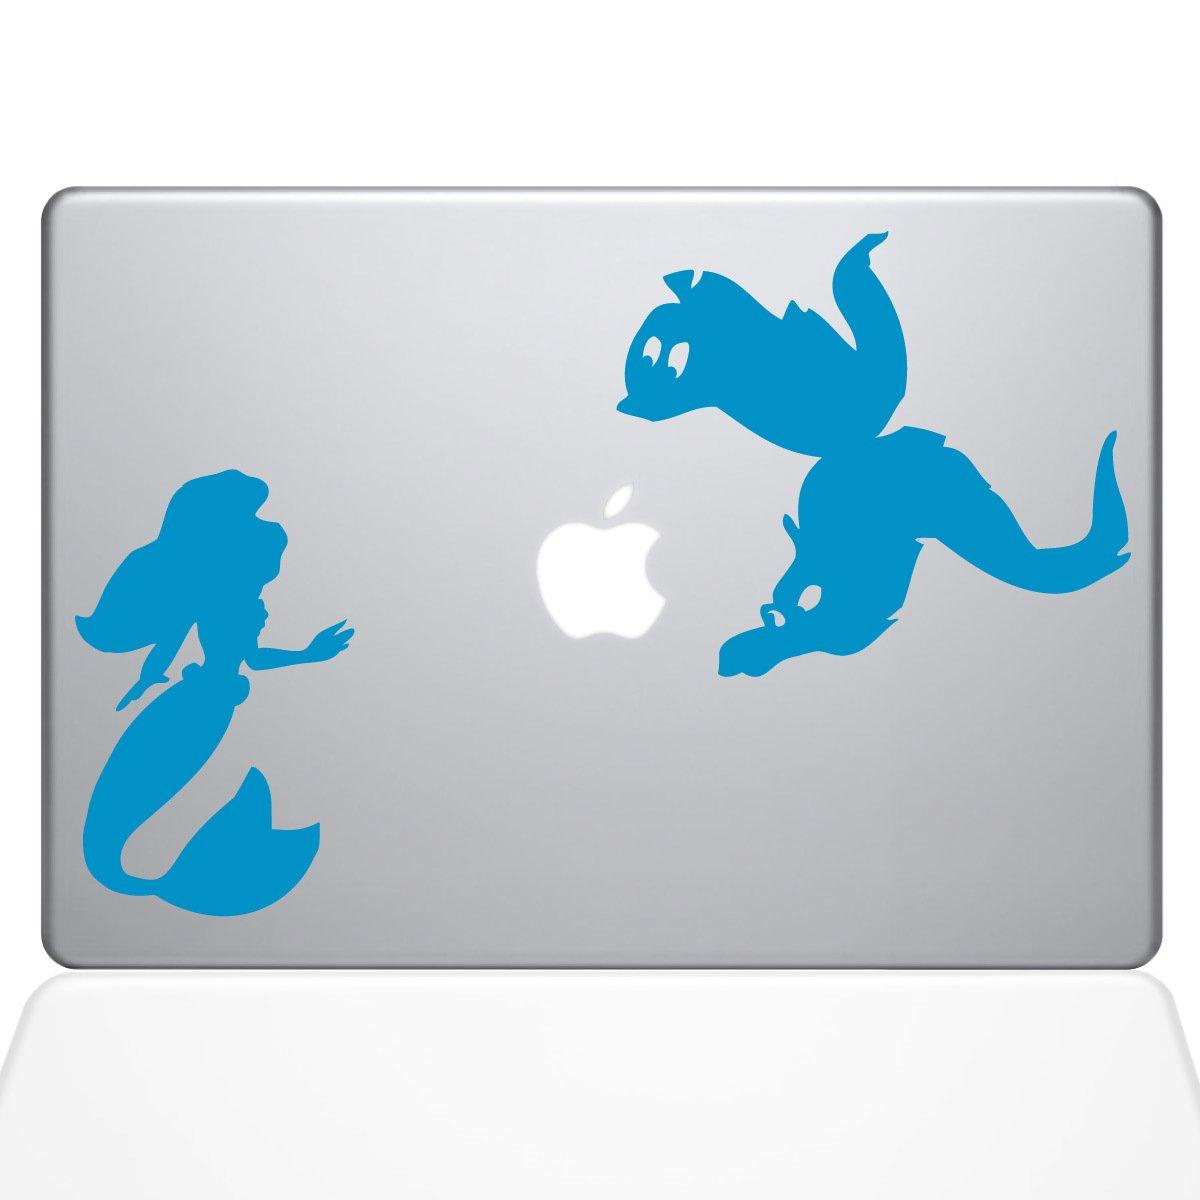 最愛 Little Mermaid for Eels Macbookデカール Vinyl、Die Cut Vinyl Decal for グレイ Windows車、トラック、ツールボックス、ノートパソコン、ほぼすべてmacbook-ハード、滑らかな表面 グレイ Titans-Unique-Design-119202-Light-Blue ライトブルー B071ZFCNWG, PARTS:b217eb18 --- domaska.lt